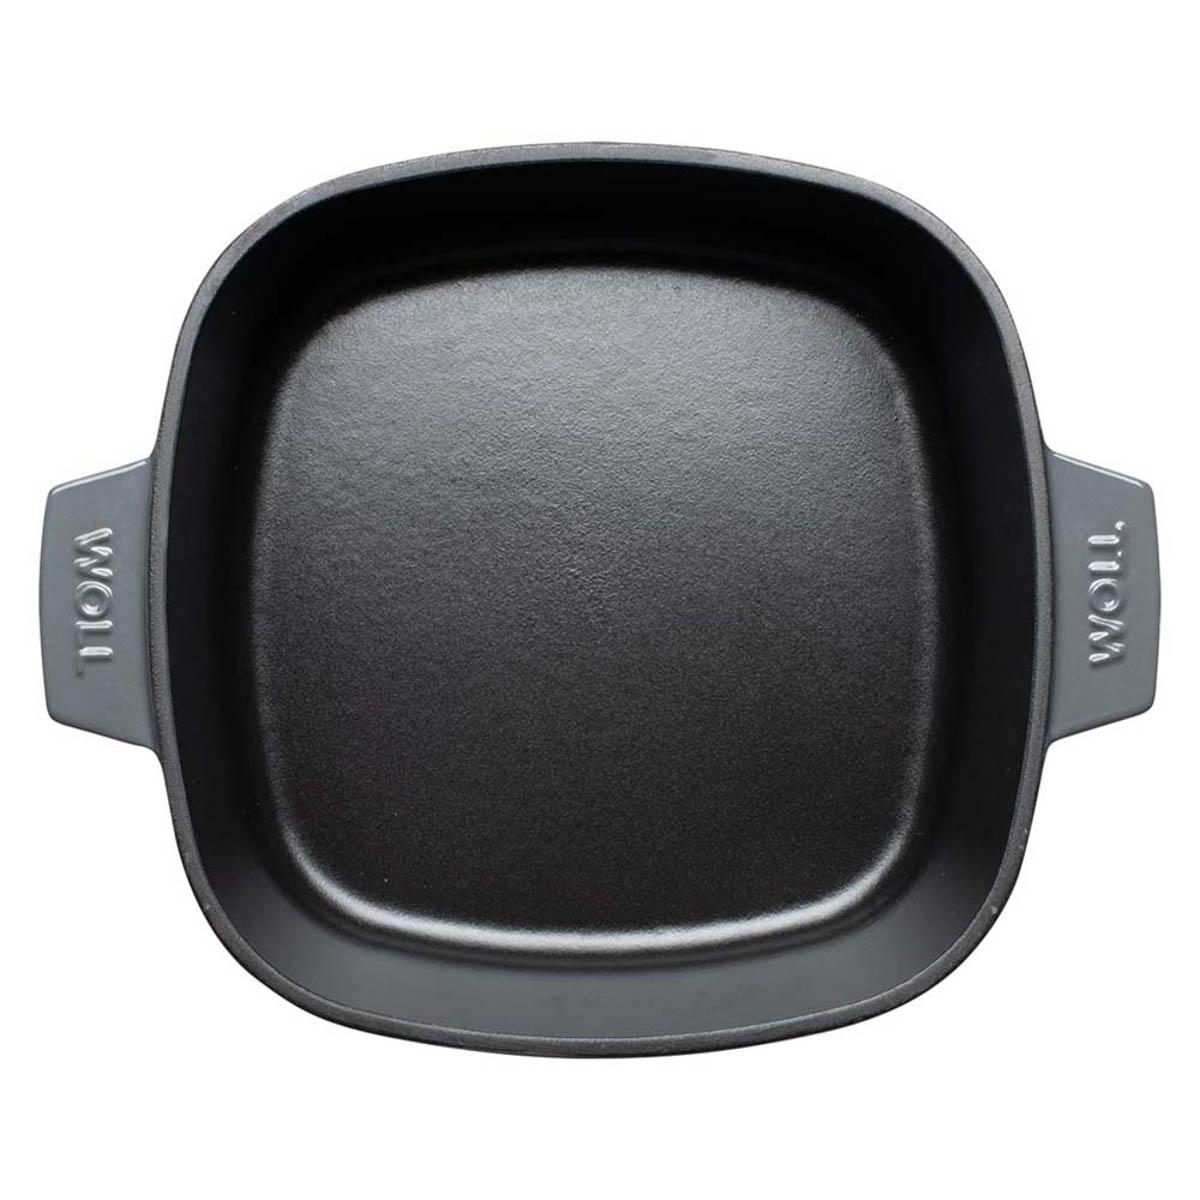 Woll Iron Kasserolle 24 x 24 cm Grau